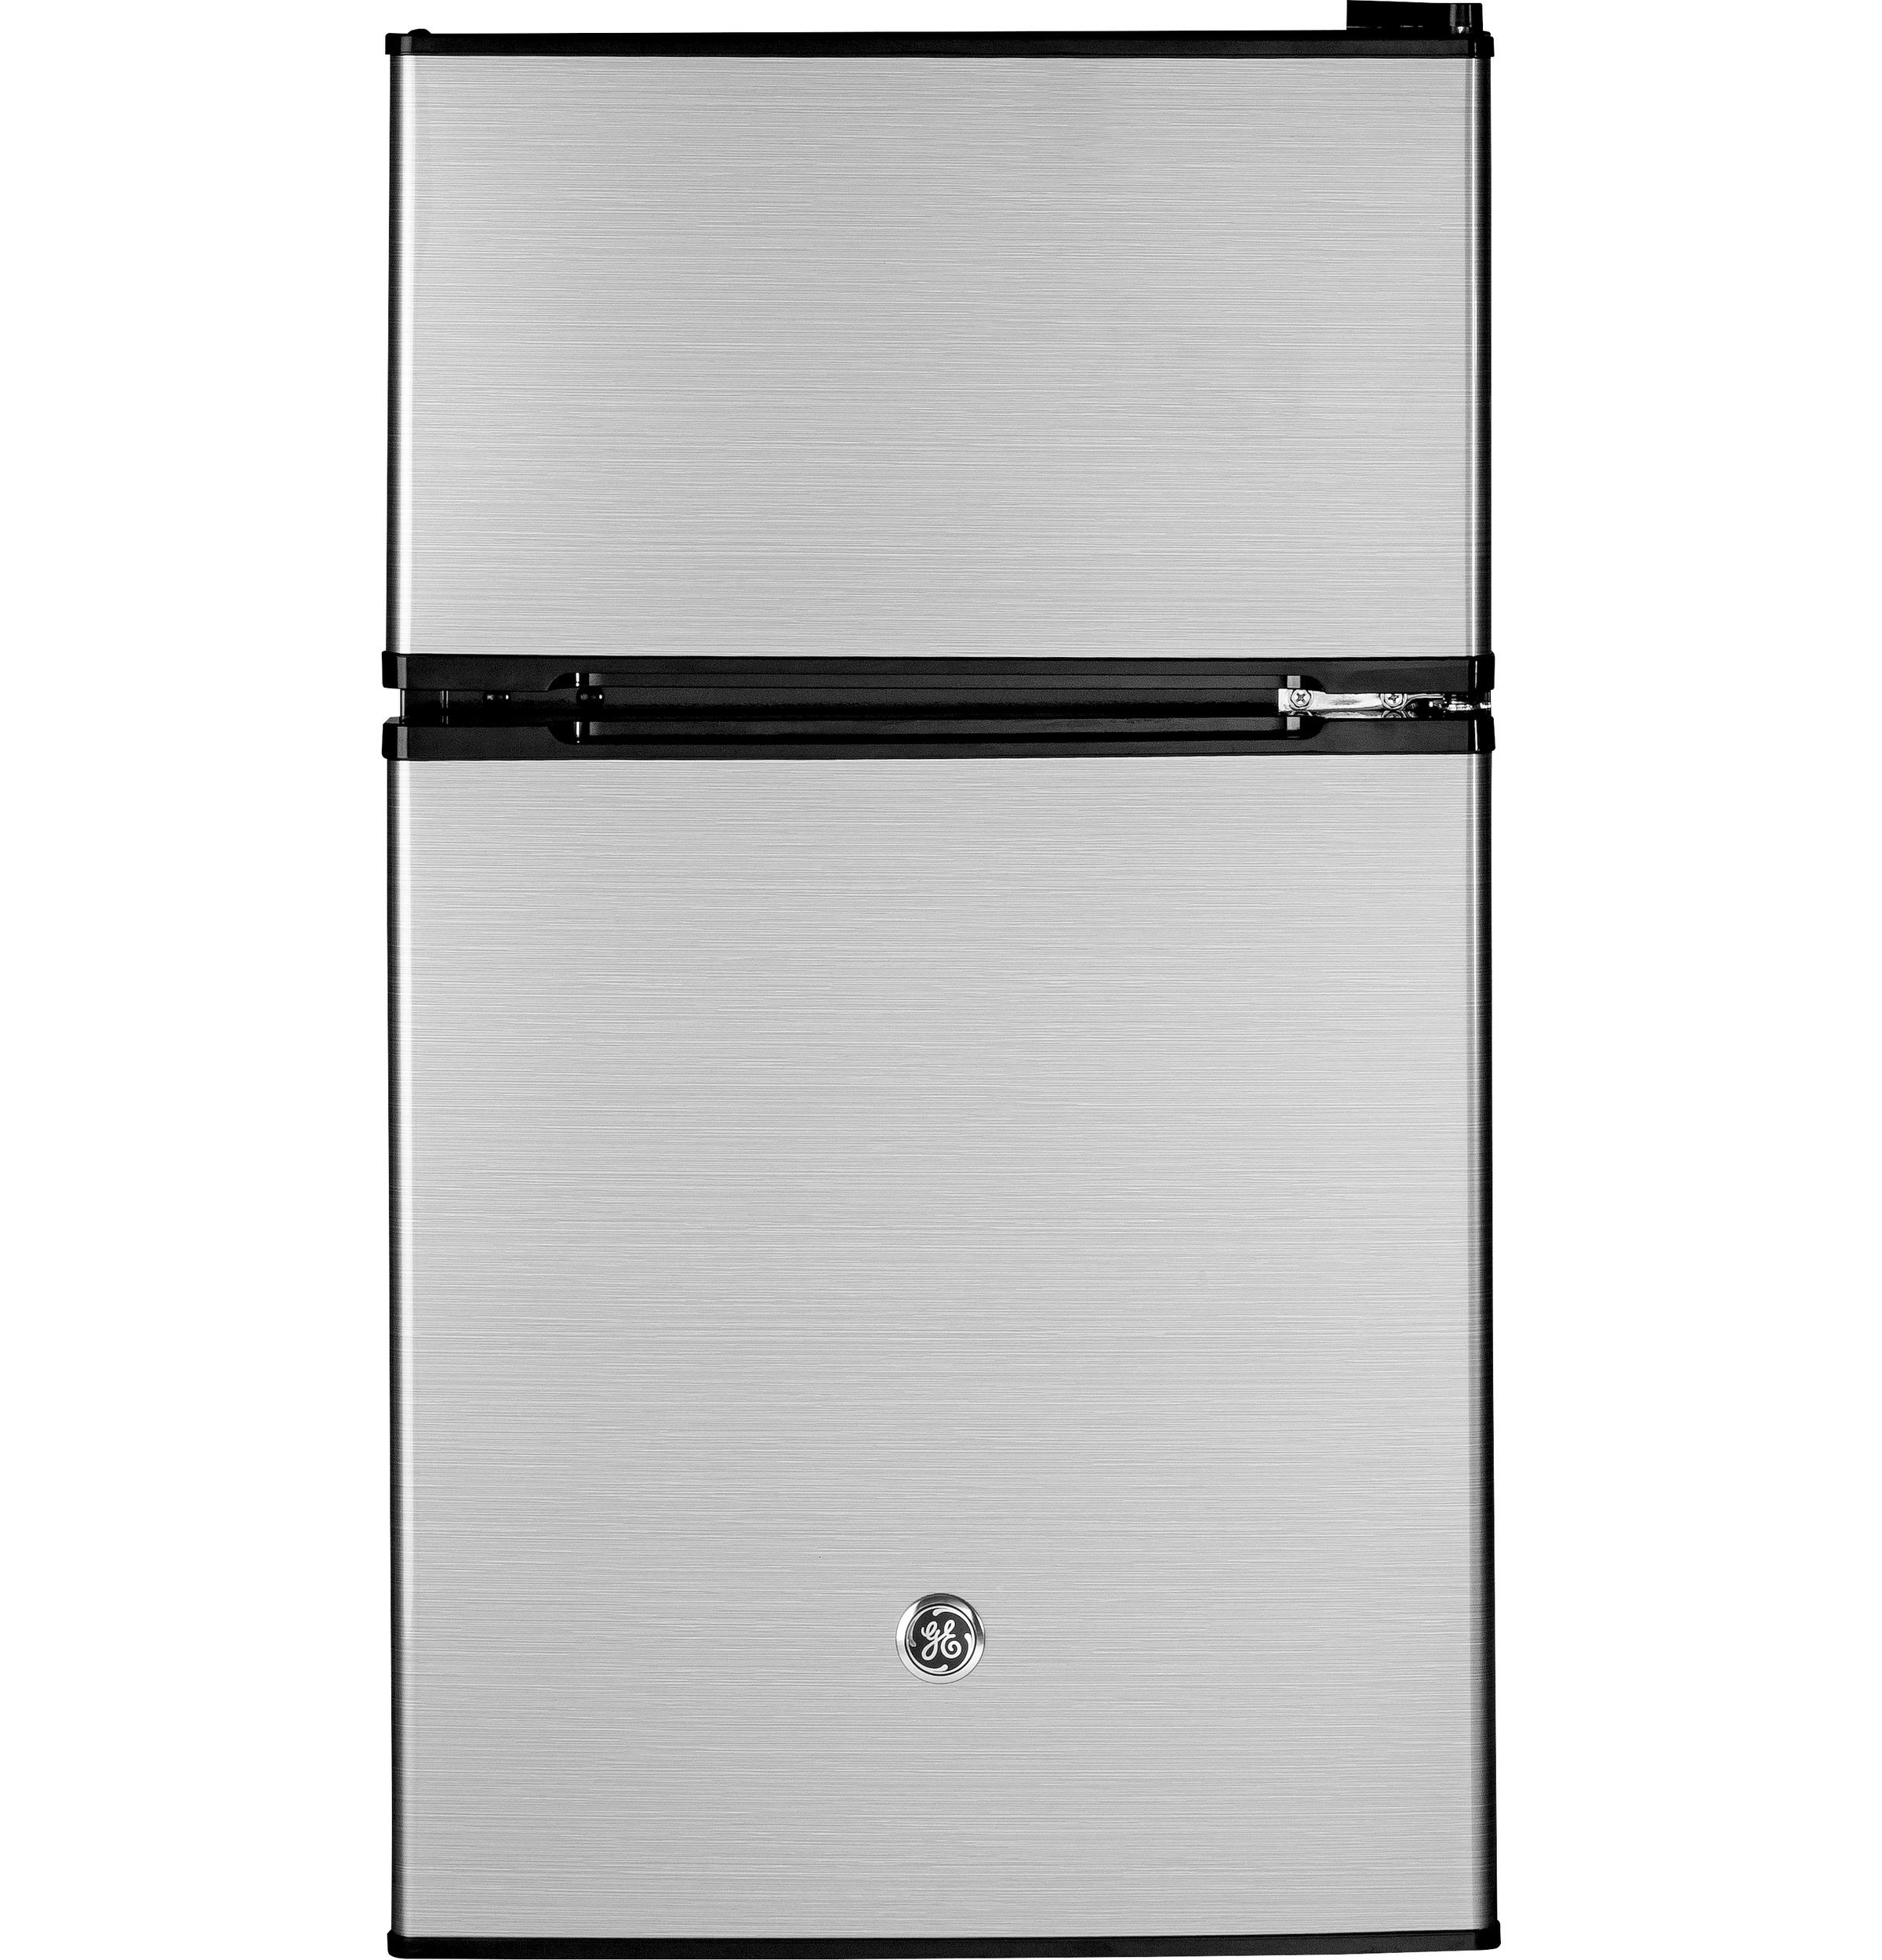 GE GE® Double-Door Compact Refrigerator